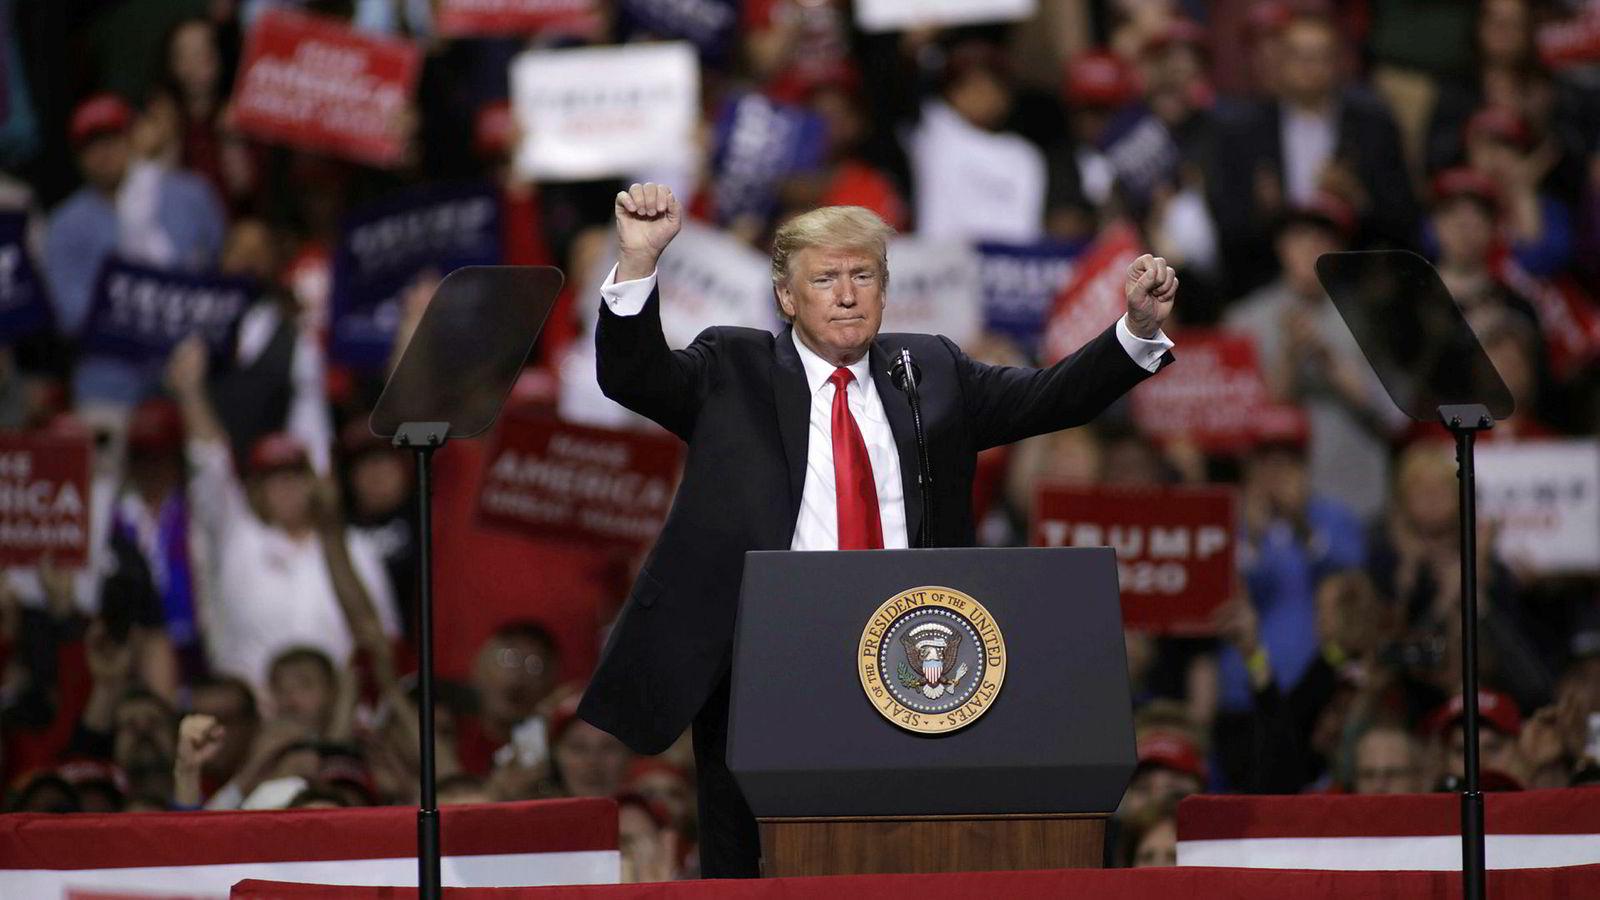 President Donald Trump har for lengst startet valgkampen til 2020, her på et folkemøte i Green Bay, Wisconsin nå i helgen.